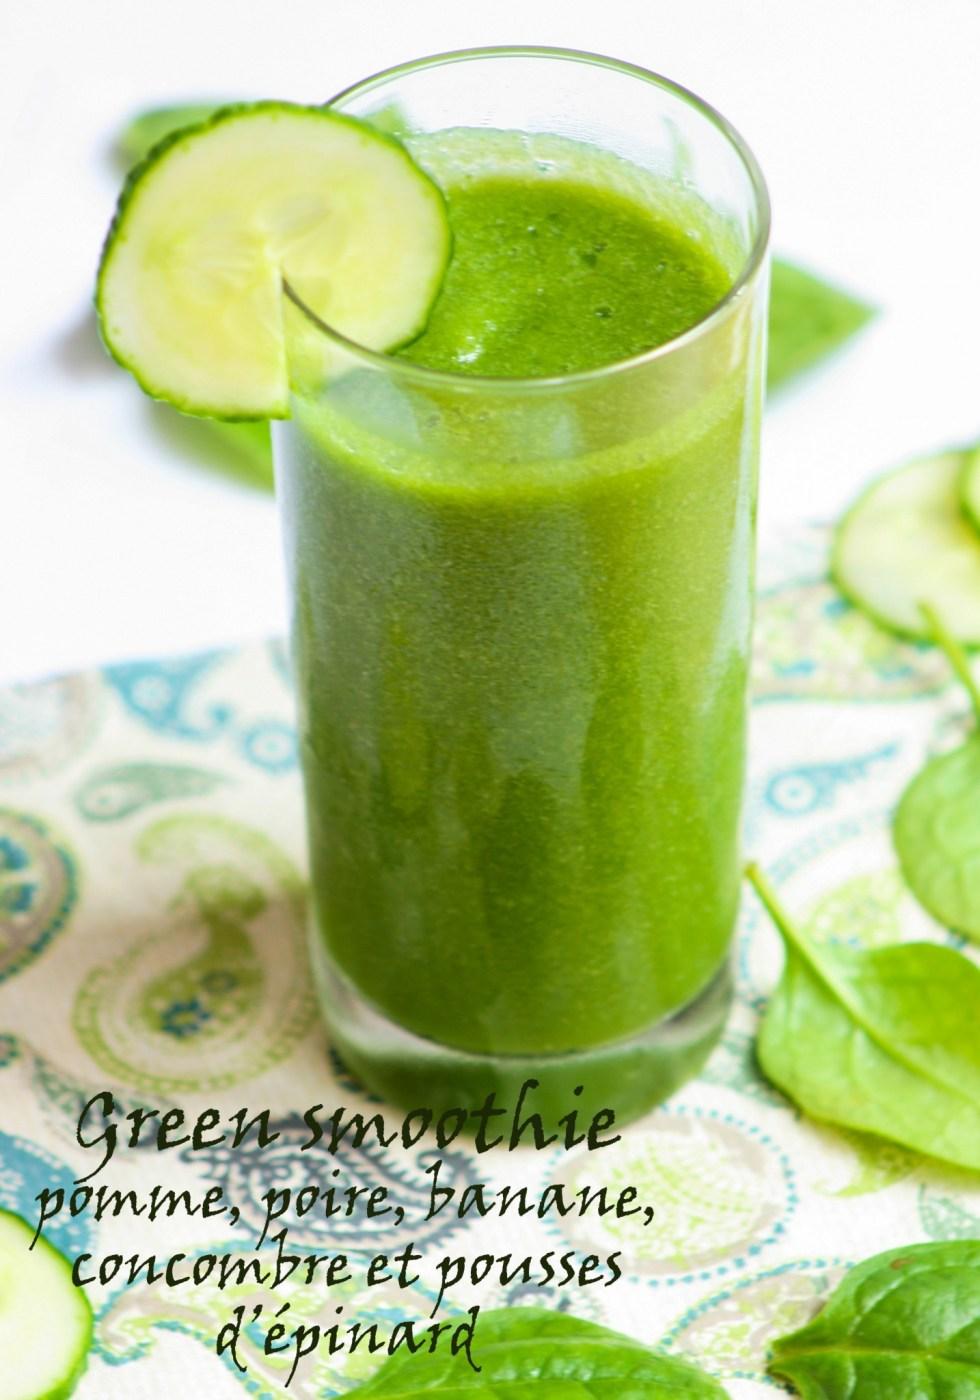 Green smoothie pomme, poire, banane, concombre, pousses d'épinard